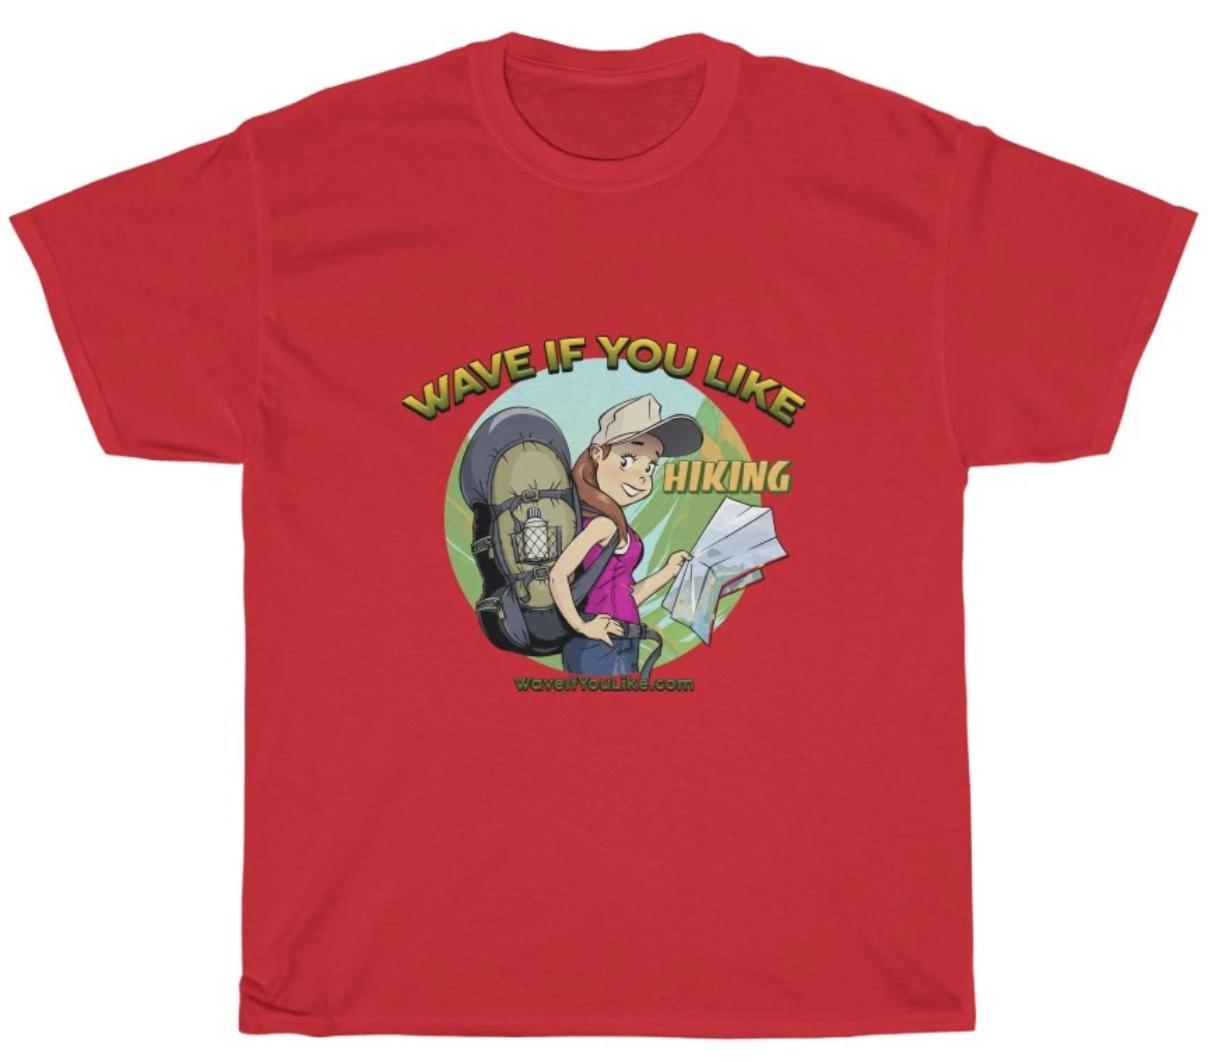 Hikign t-shirt